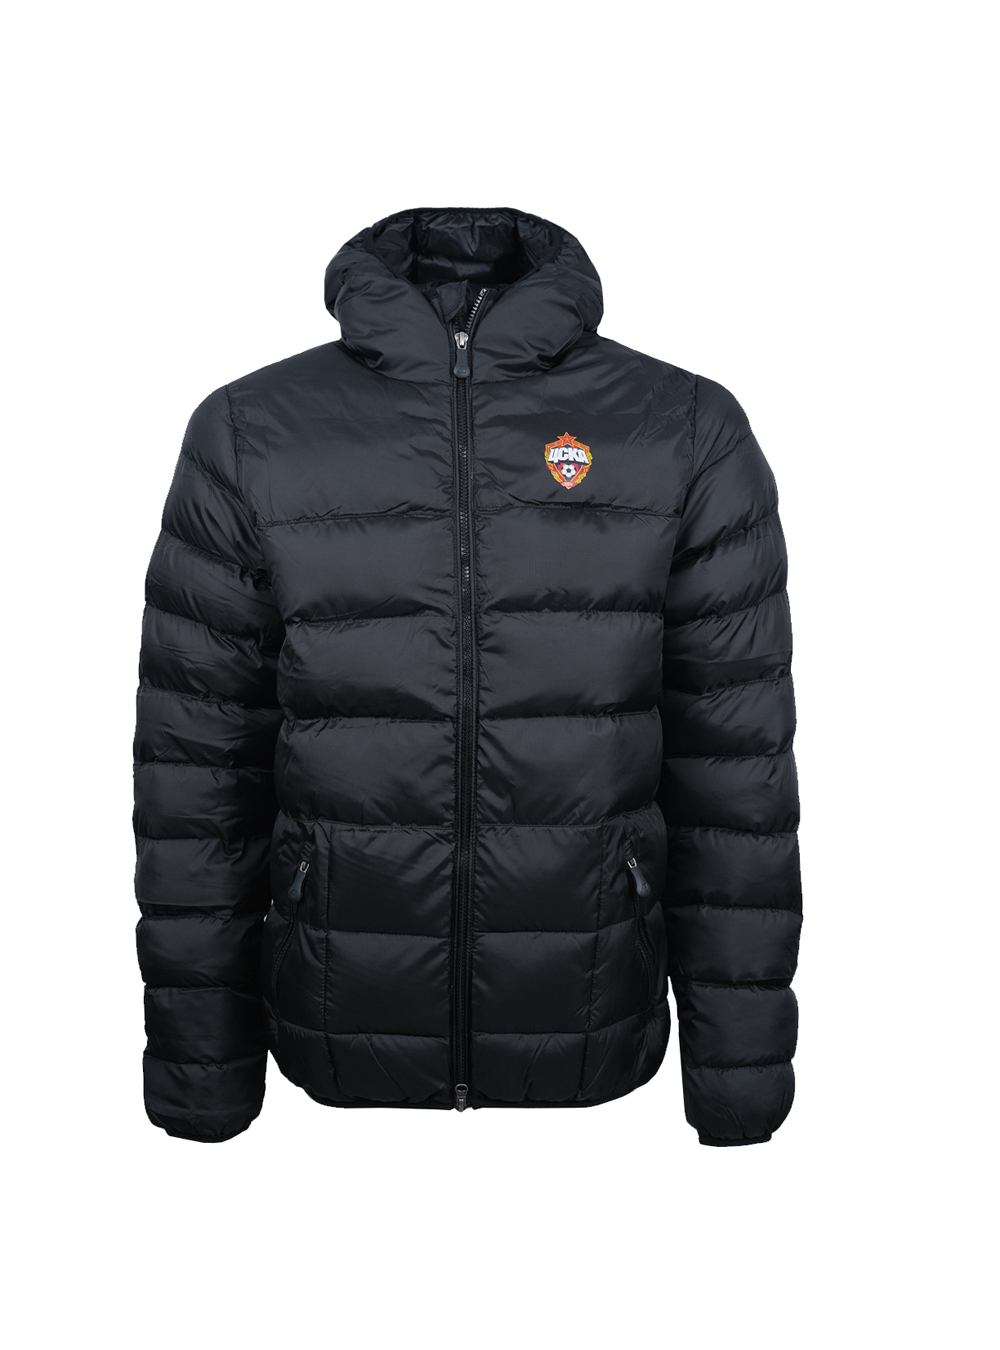 Купить Куртка утеплённая, цвет чёрный (XS) по Нижнему Новгороду